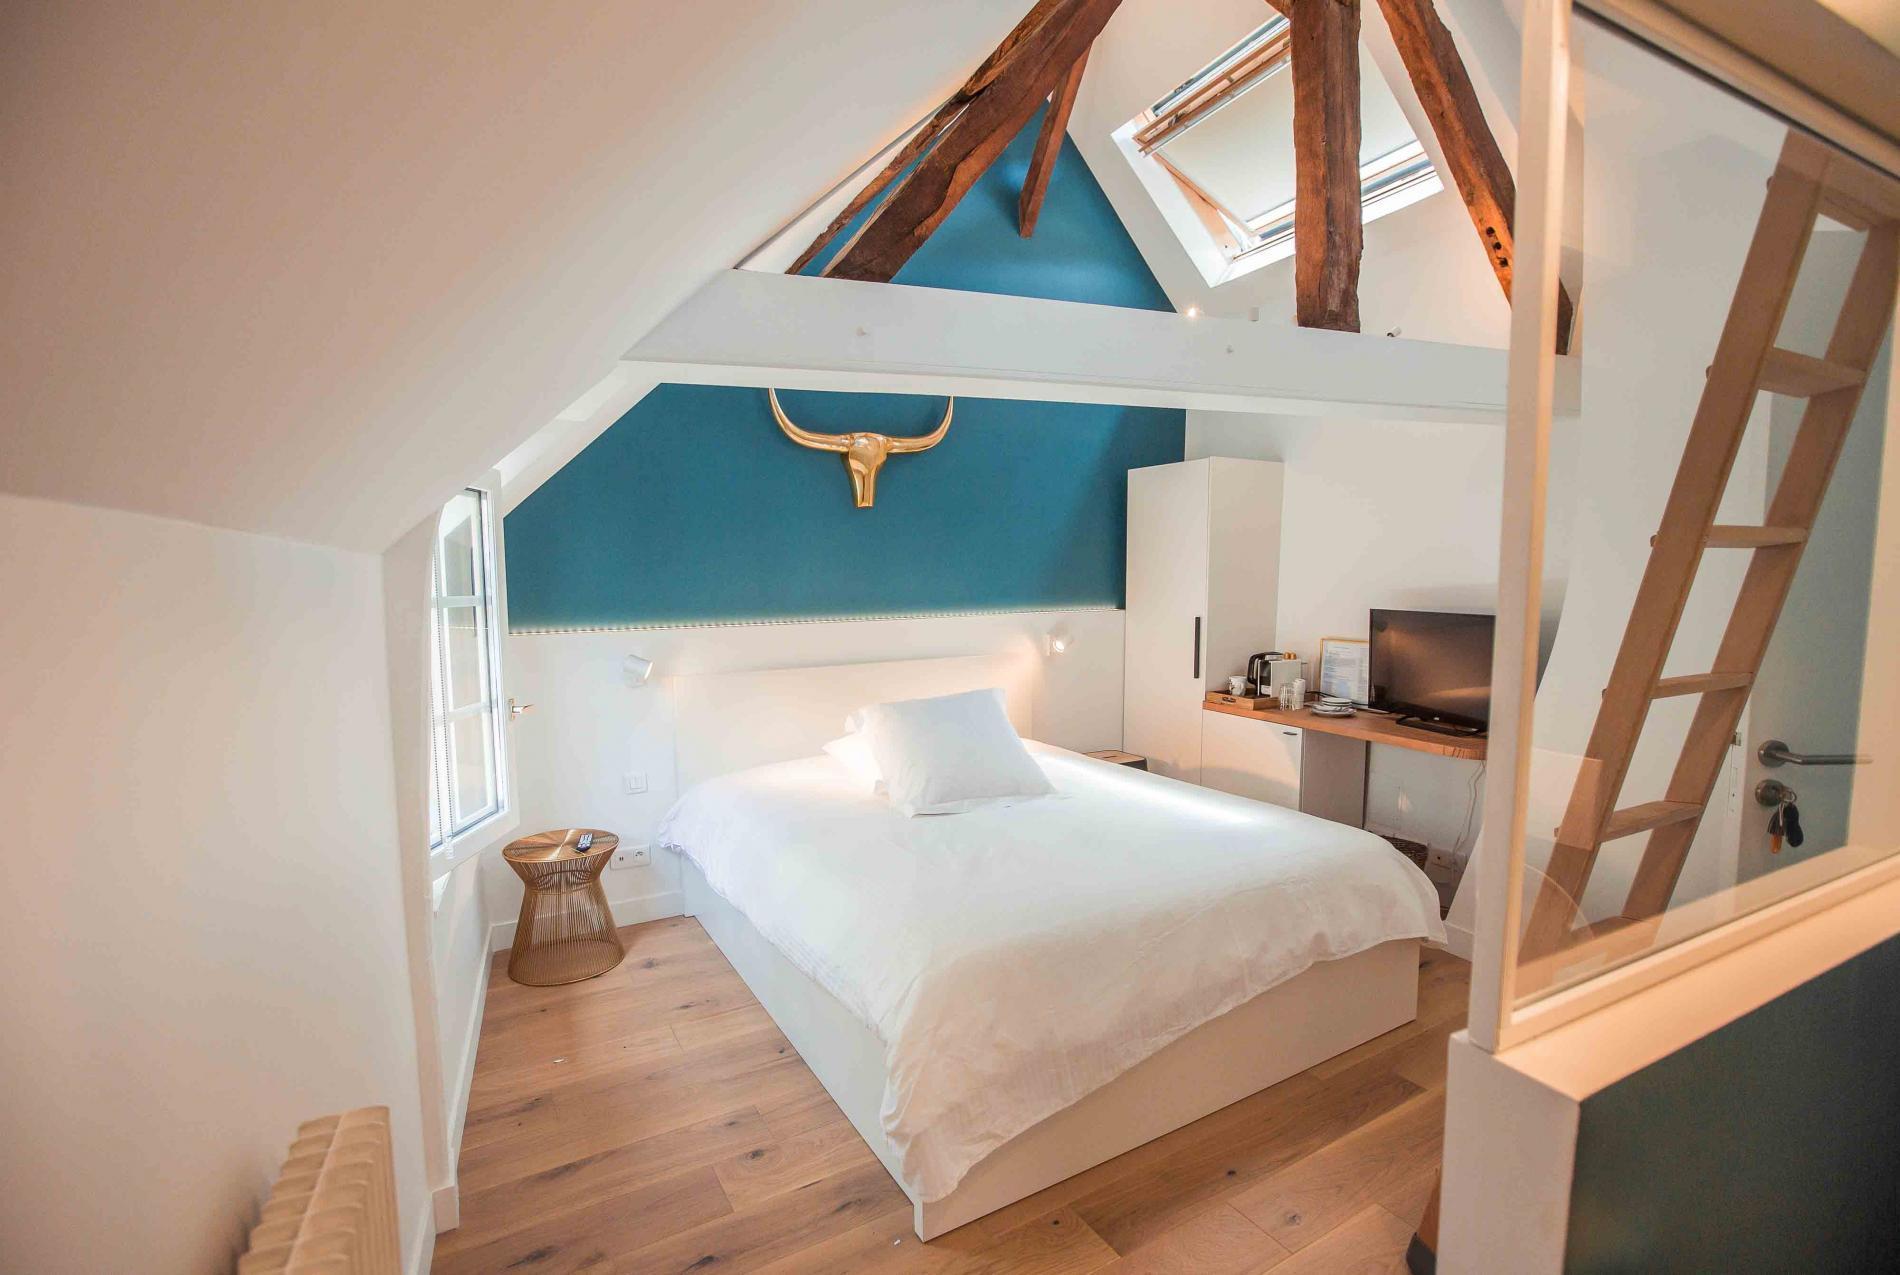 Chambre Ouverte Salle De Bain tarifs et offres de la maison des arts bleu de toi chambre